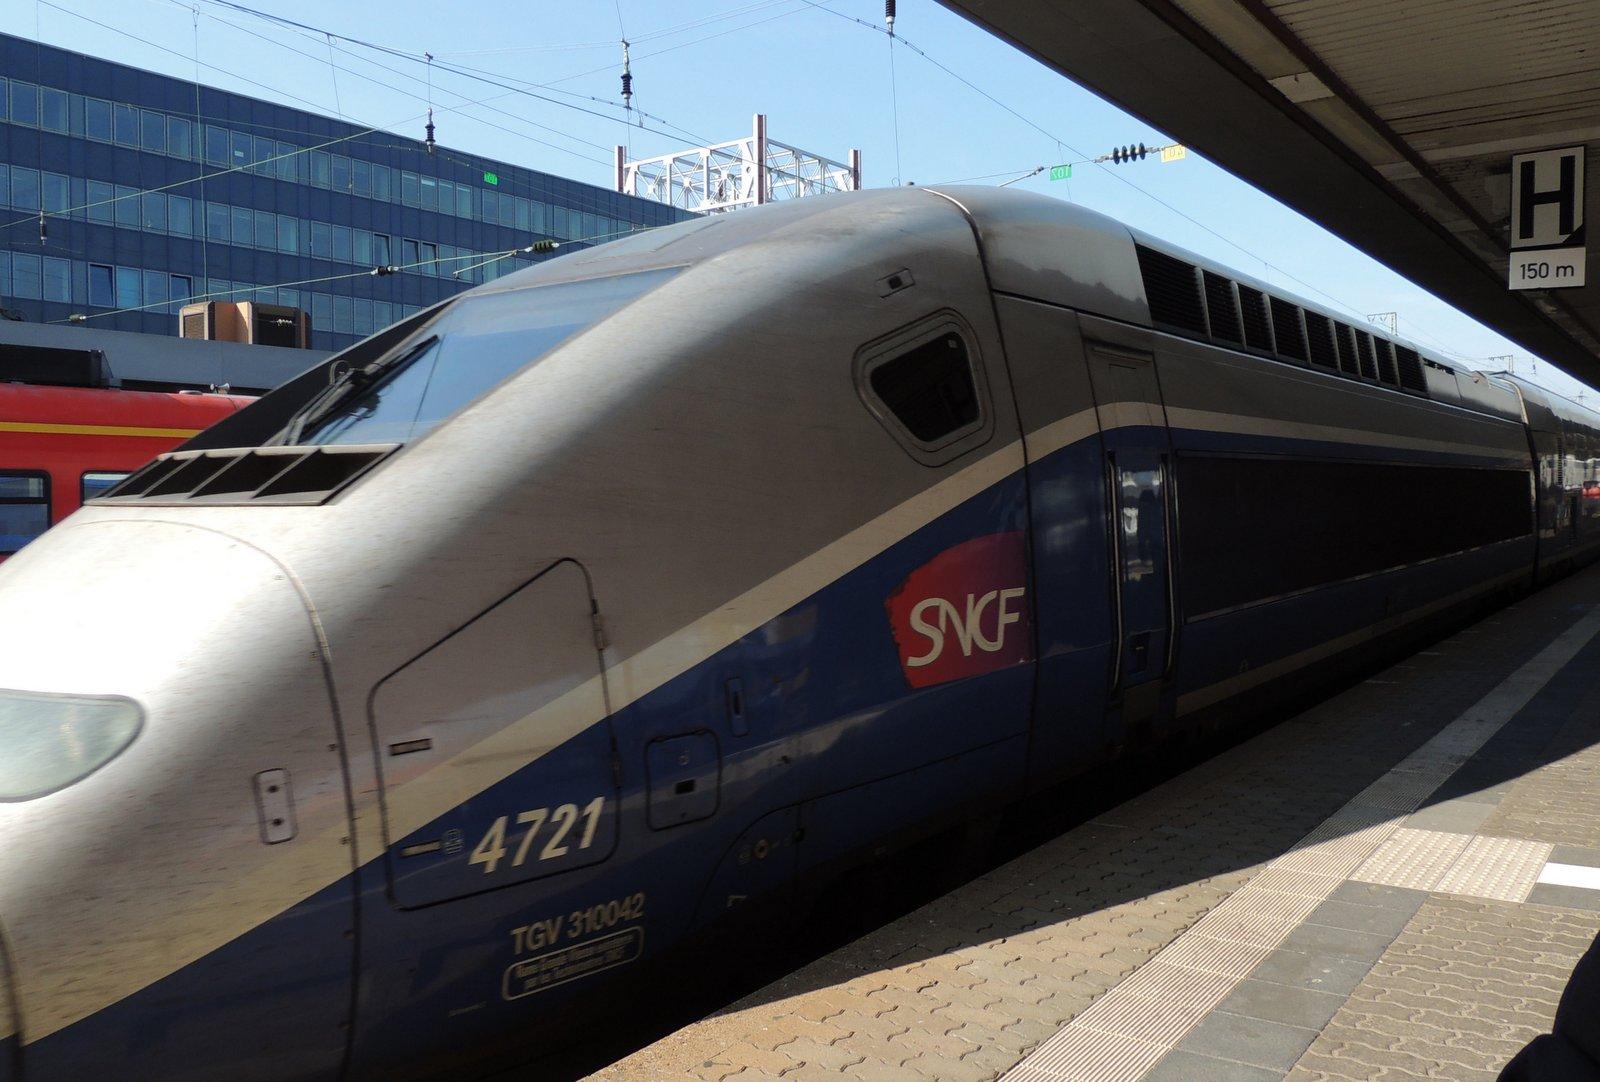 TGV im Hauptbahnhof von Saarbrücken